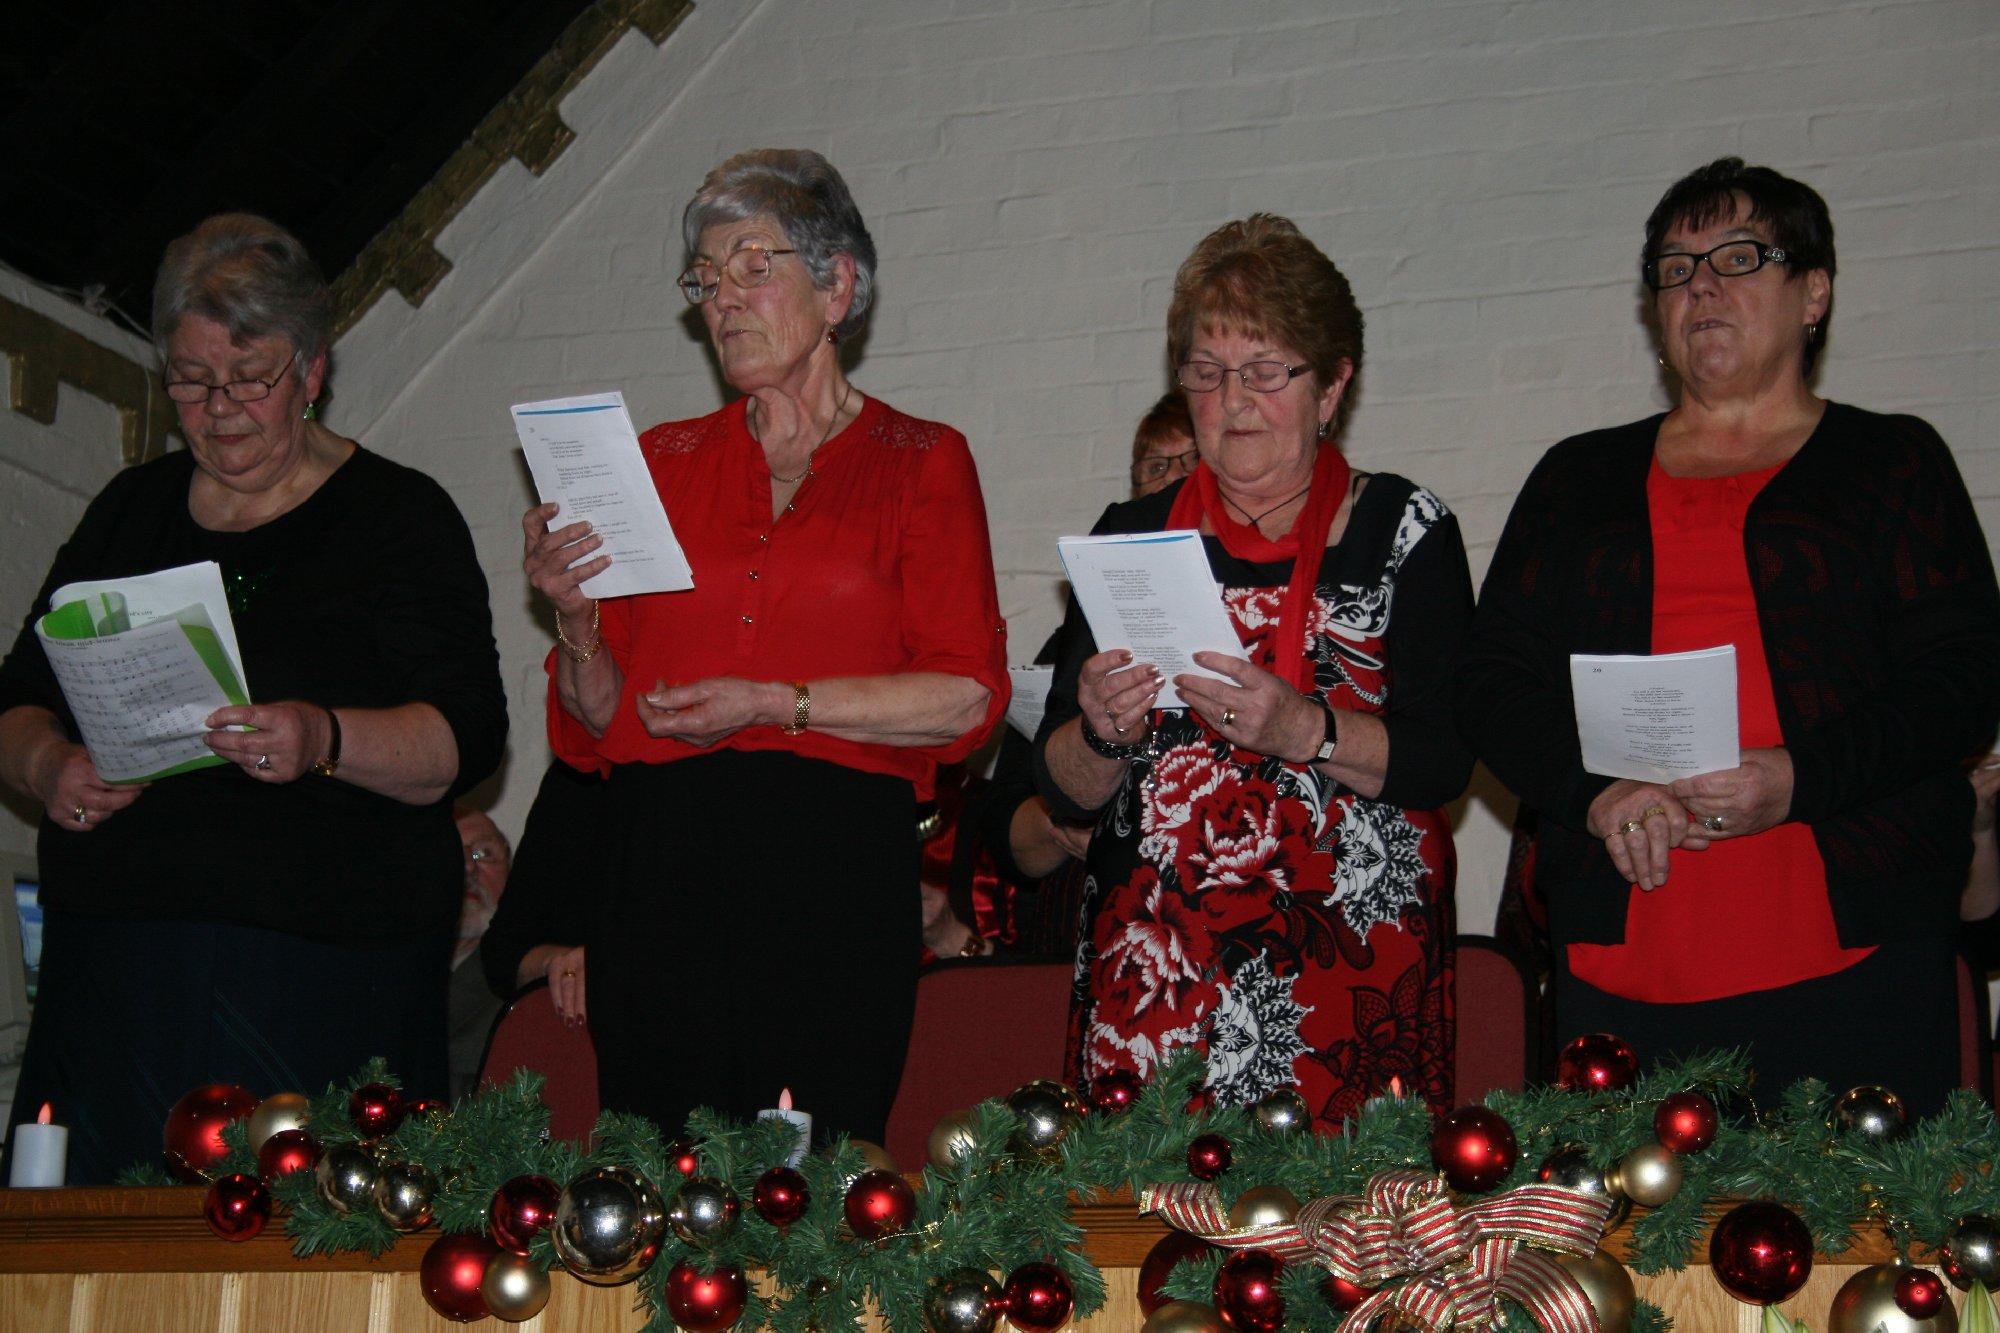 2014-12-14_Christmas 3